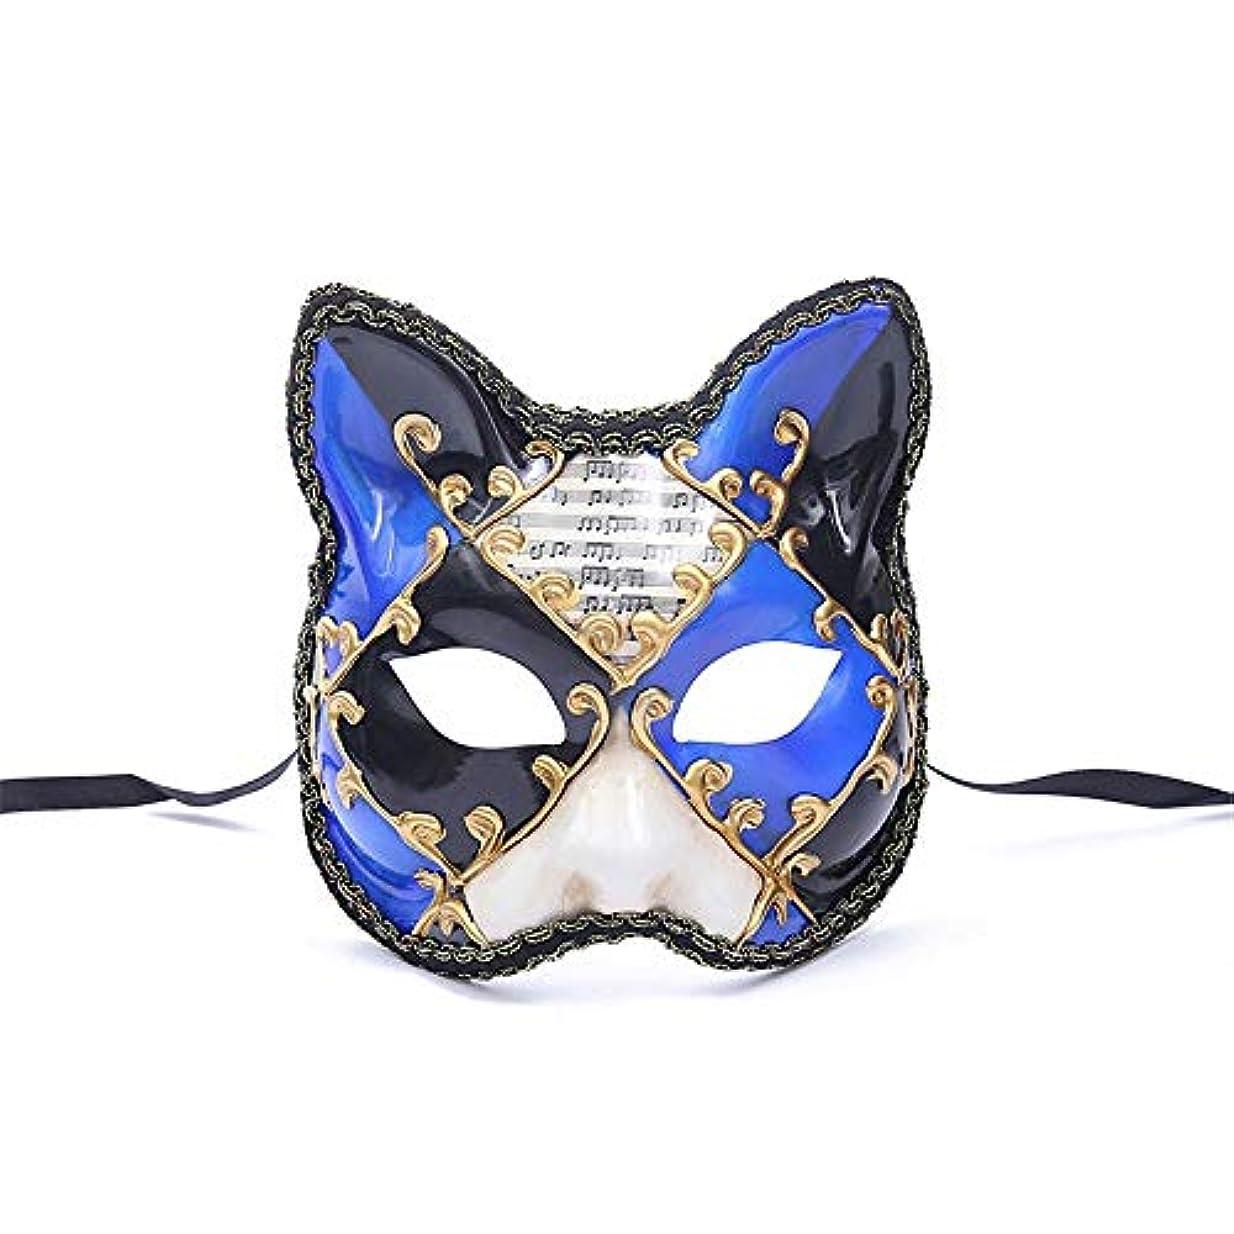 自体海洋閲覧するダンスマスク 大きな猫アンティーク動物レトロコスプレハロウィーン仮装マスクナイトクラブマスク雰囲気フェスティバルマスク ホリデーパーティー用品 (色 : 青, サイズ : 17.5x16cm)